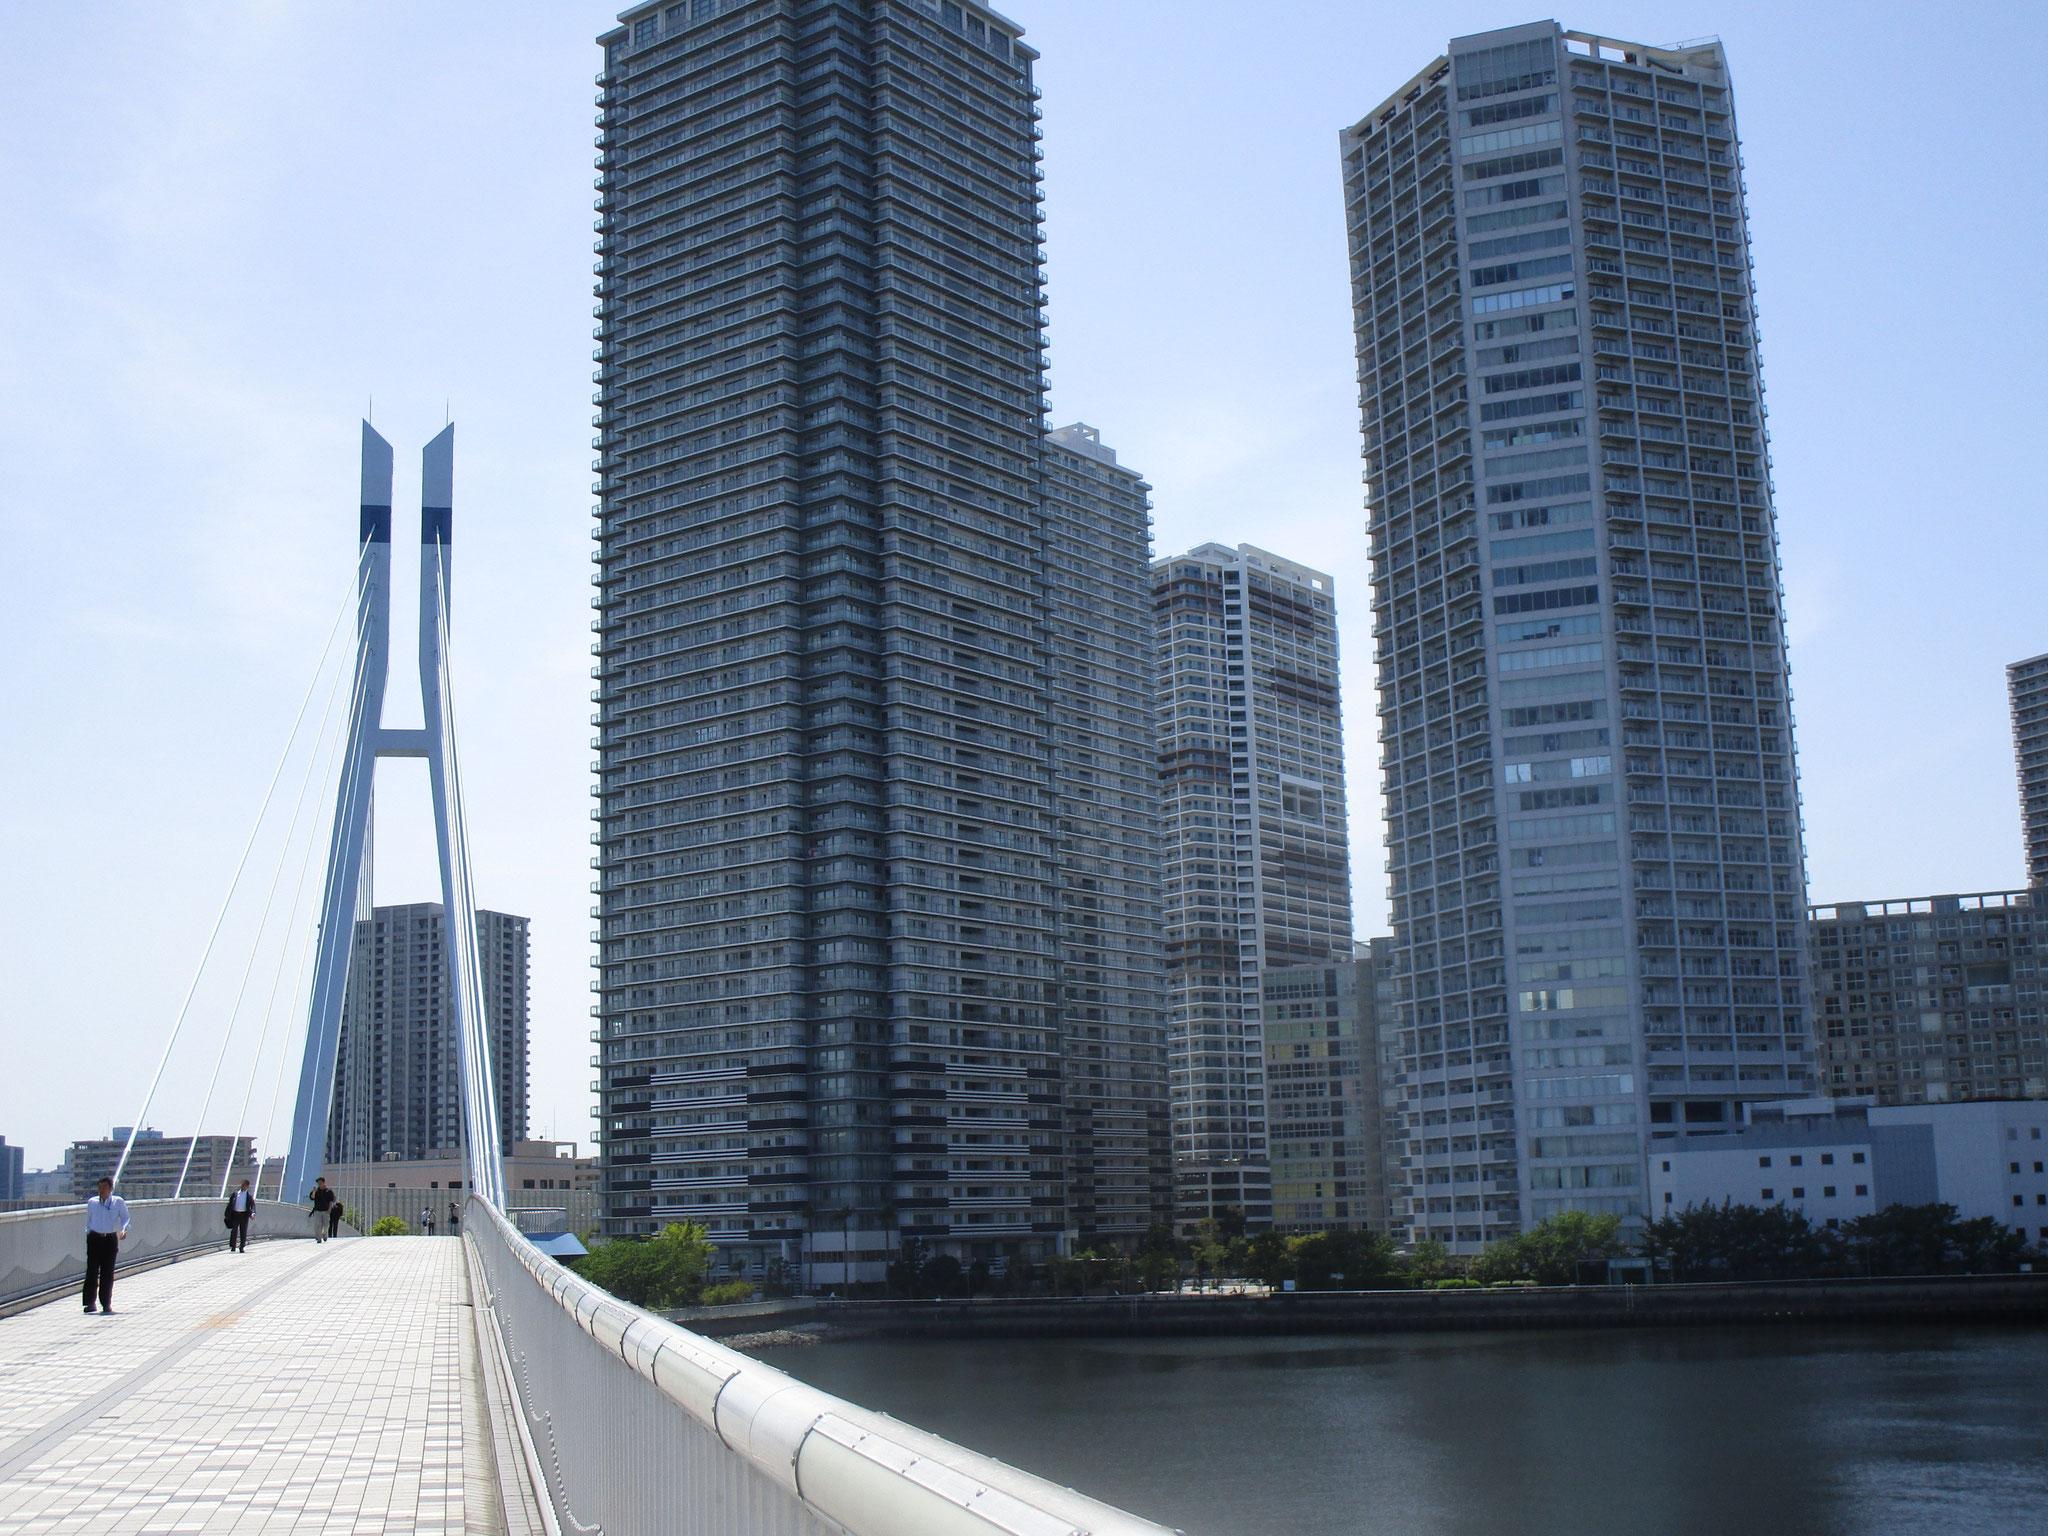 駅より「辰巳桜橋(たつみさくらばし)」を渡ります